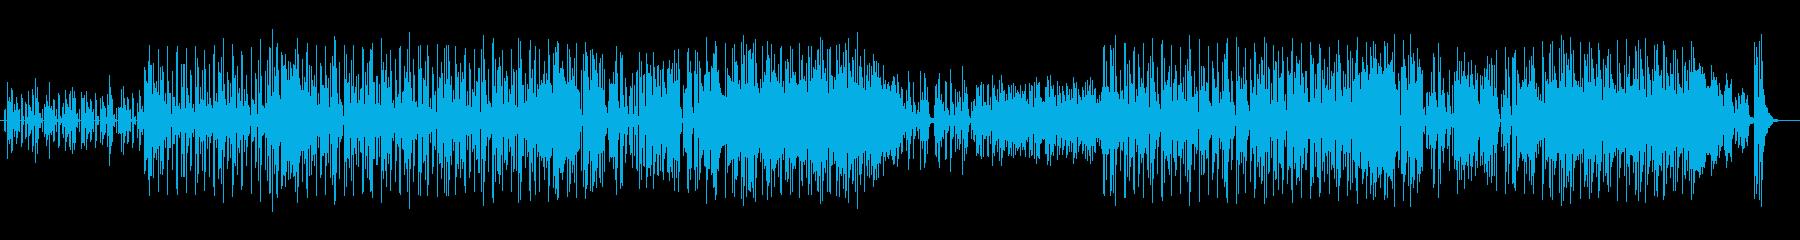 コミカルで可愛らしい鉄琴と口笛メインの曲の再生済みの波形